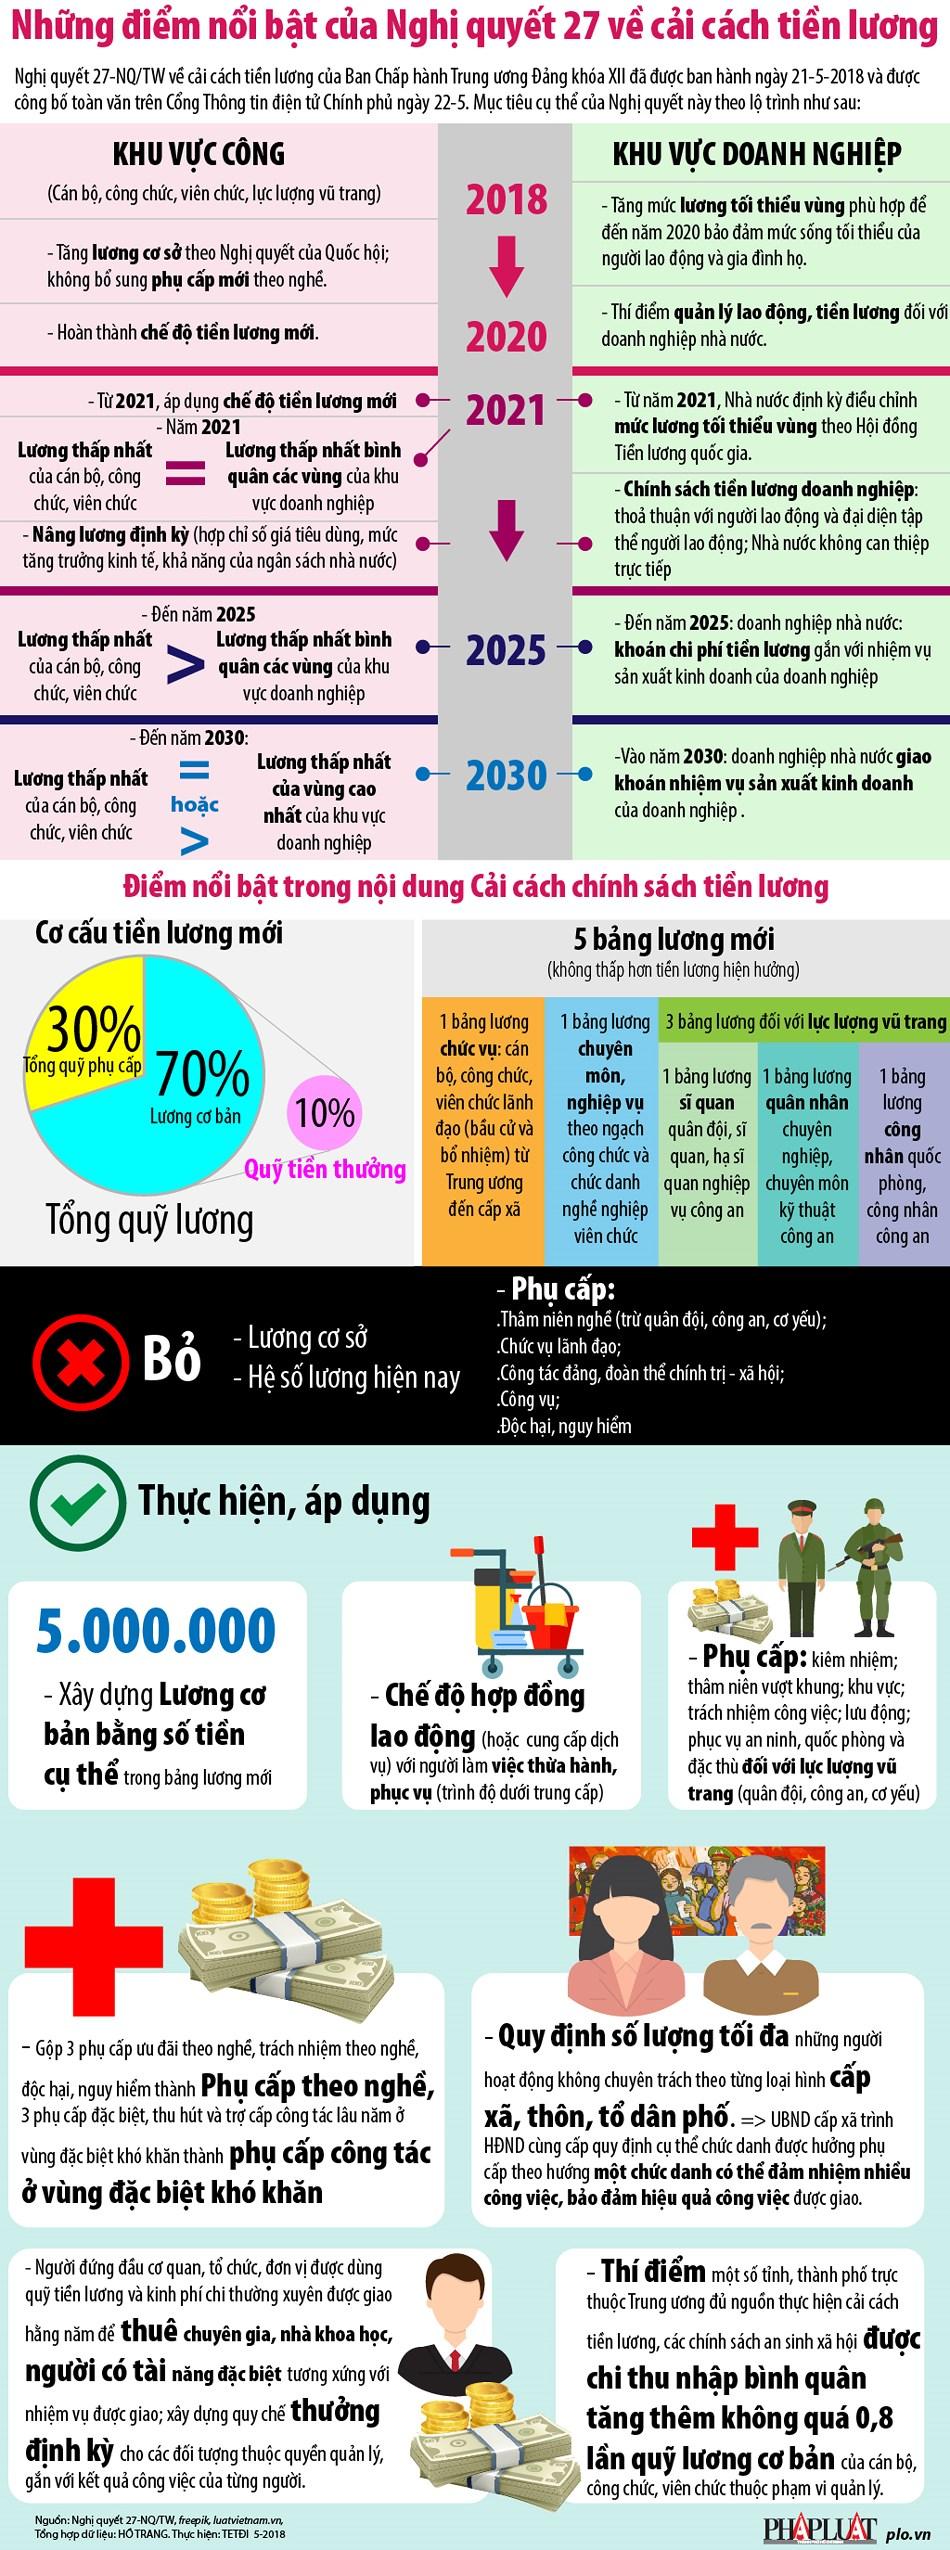 infographic sap toi tien luong se thay doi nhu the nao